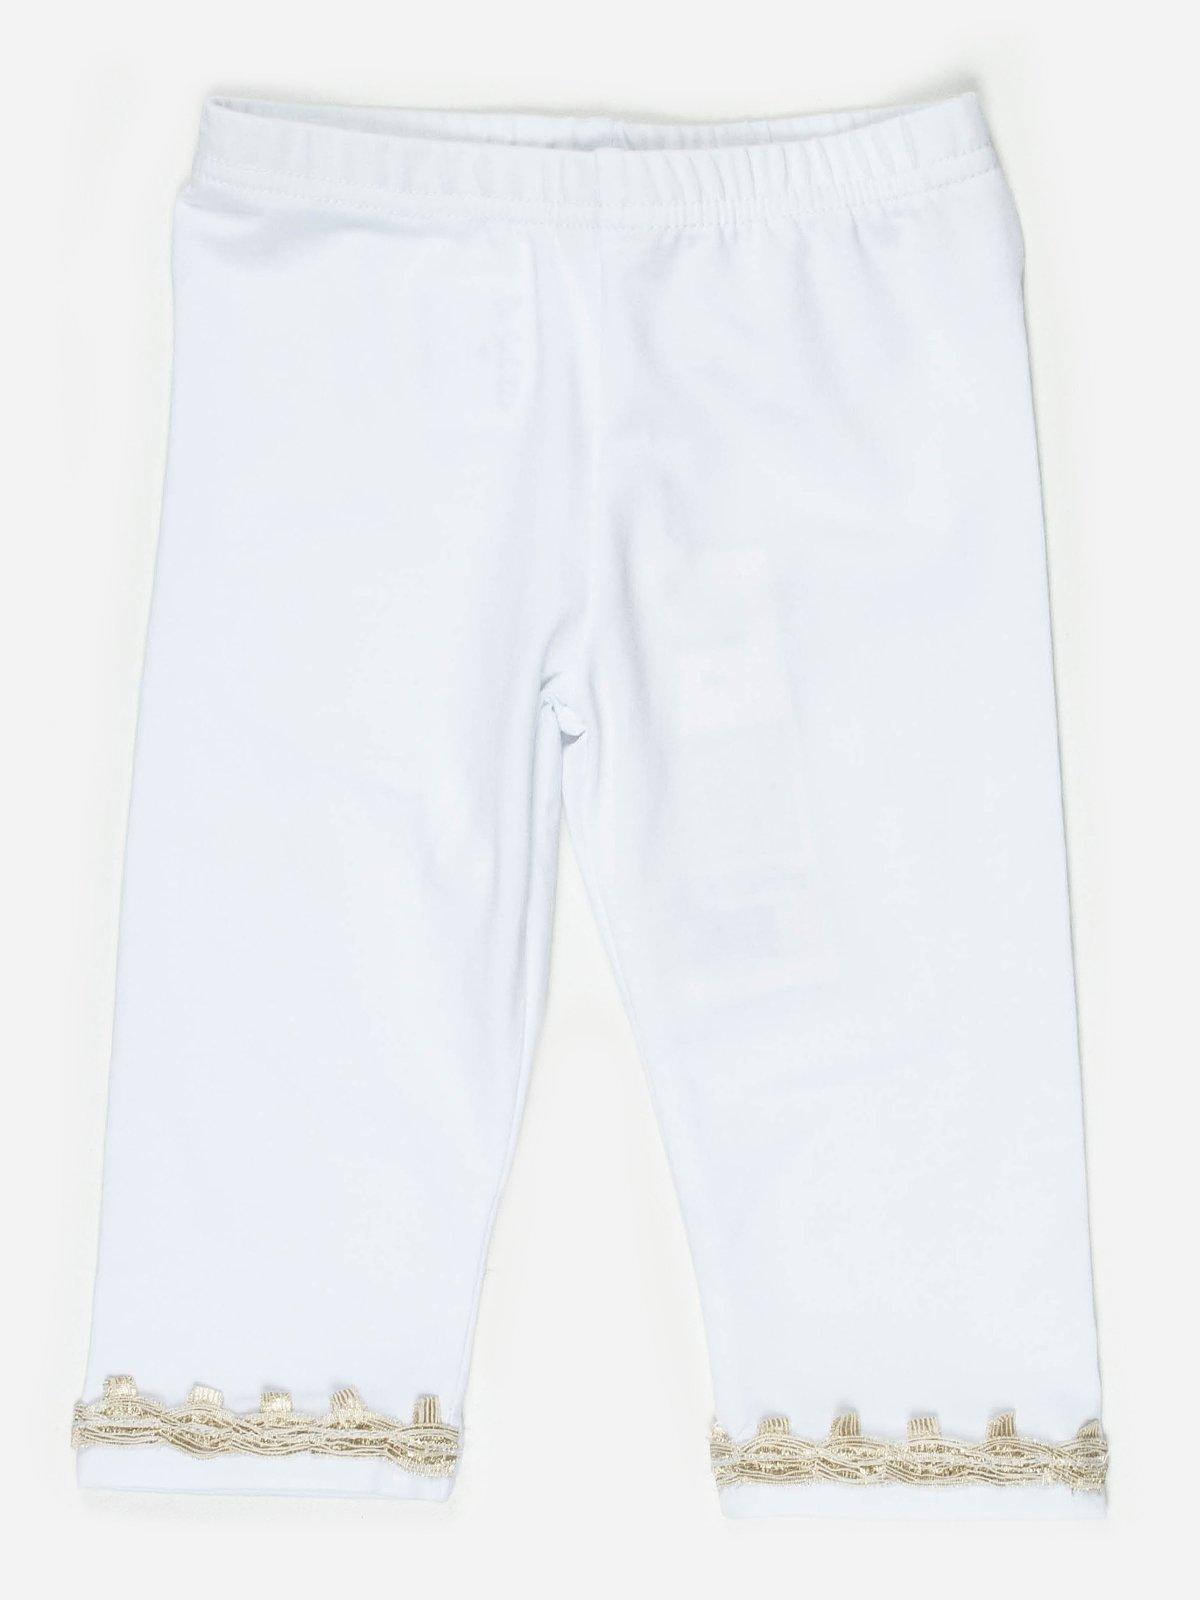 Легінси білі із золотистим оздобленням   467813